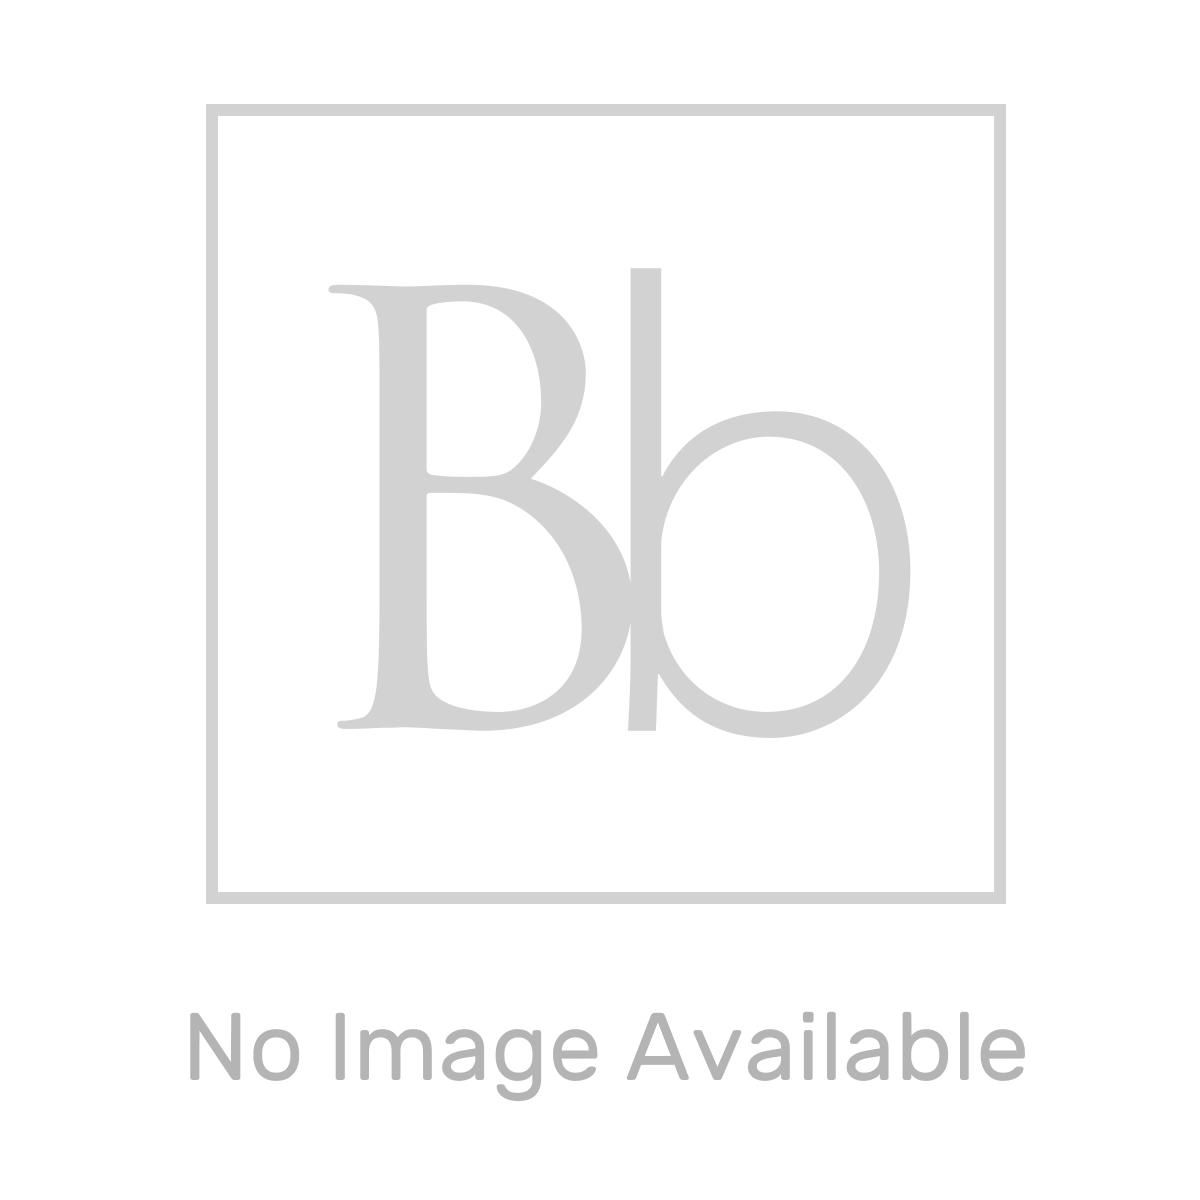 Premier Bliss Close Coupled Toilet Measurements